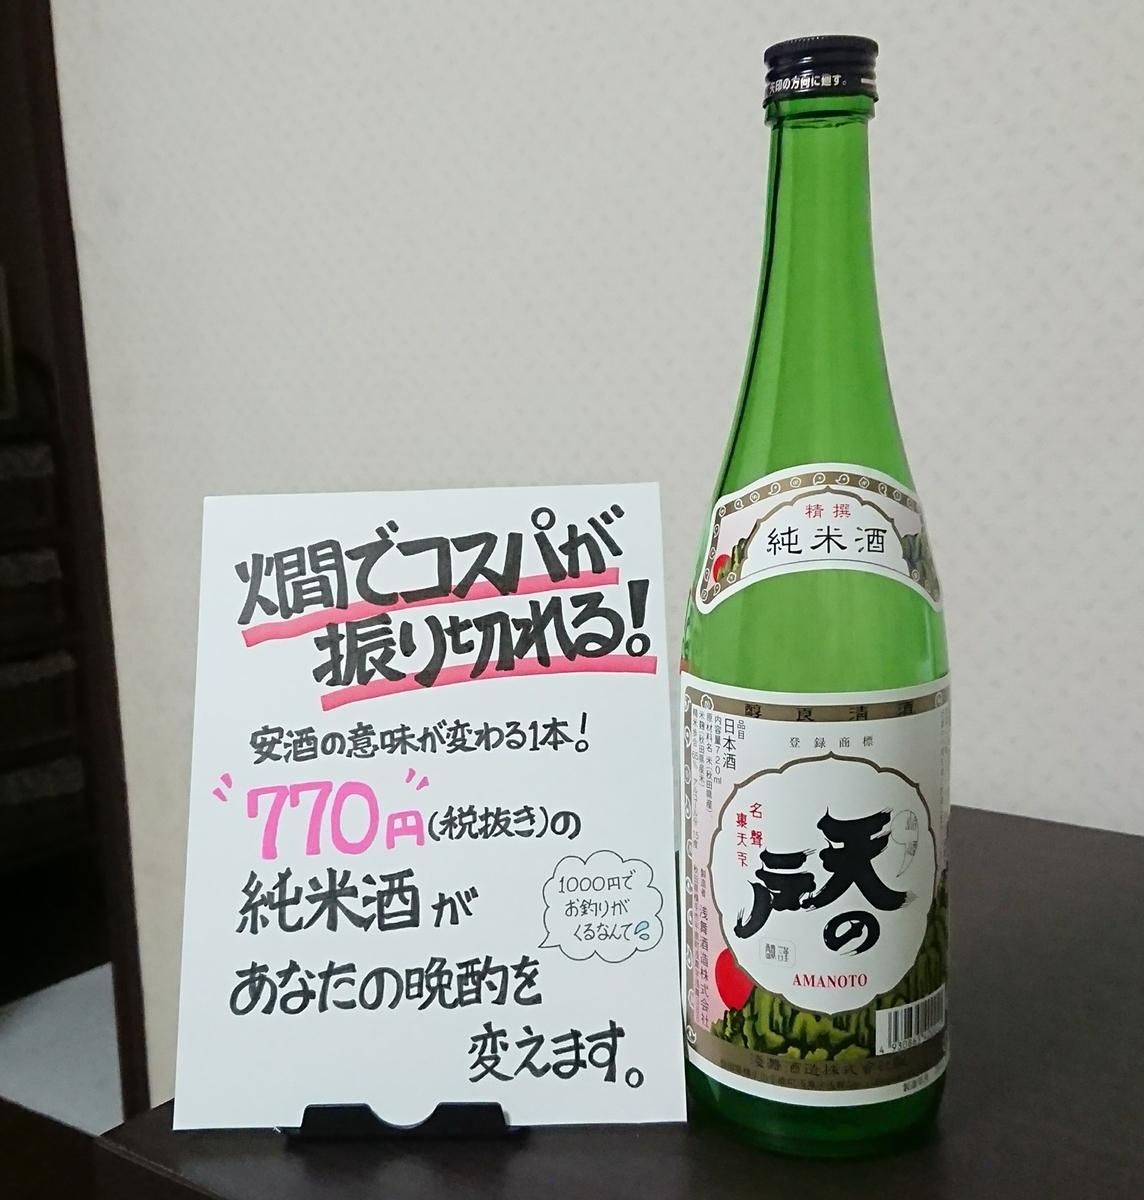 天の戸 精撰 純米酒の感想・評価